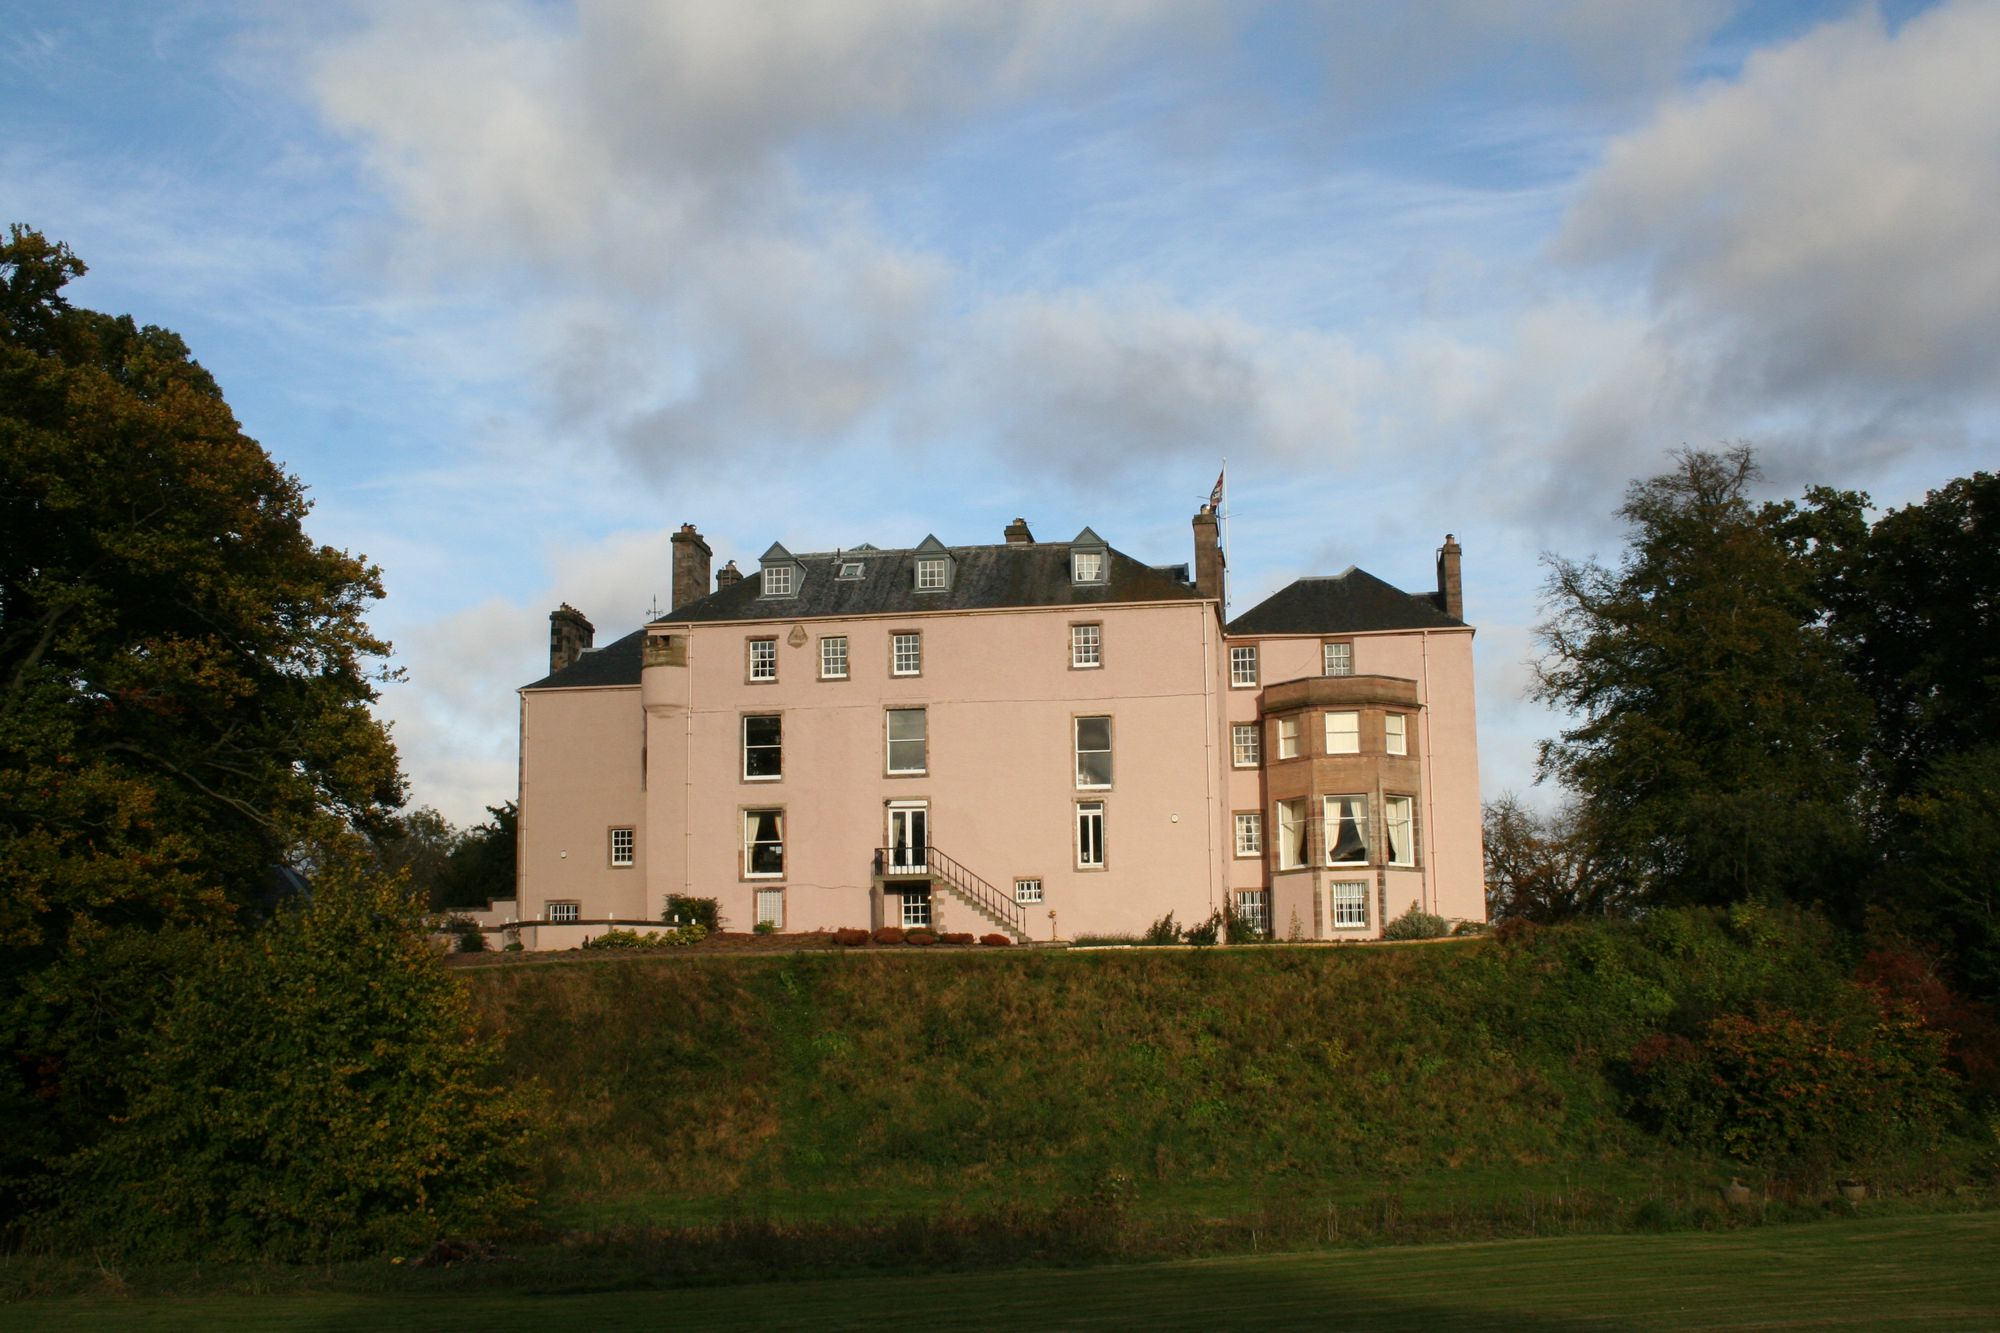 Colstoun House